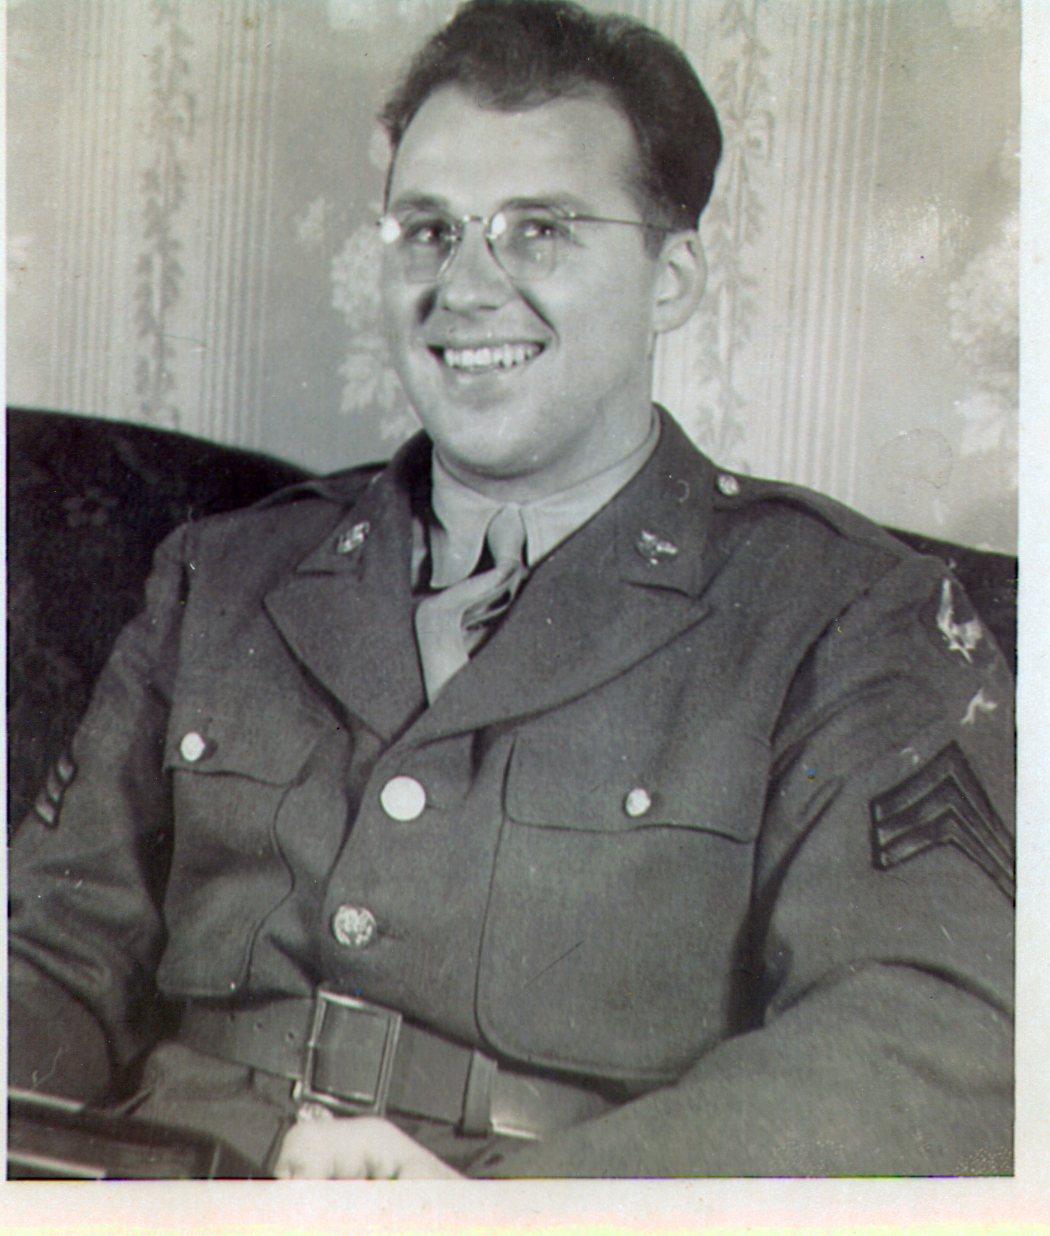 Kleinhammer_Army_c.1944